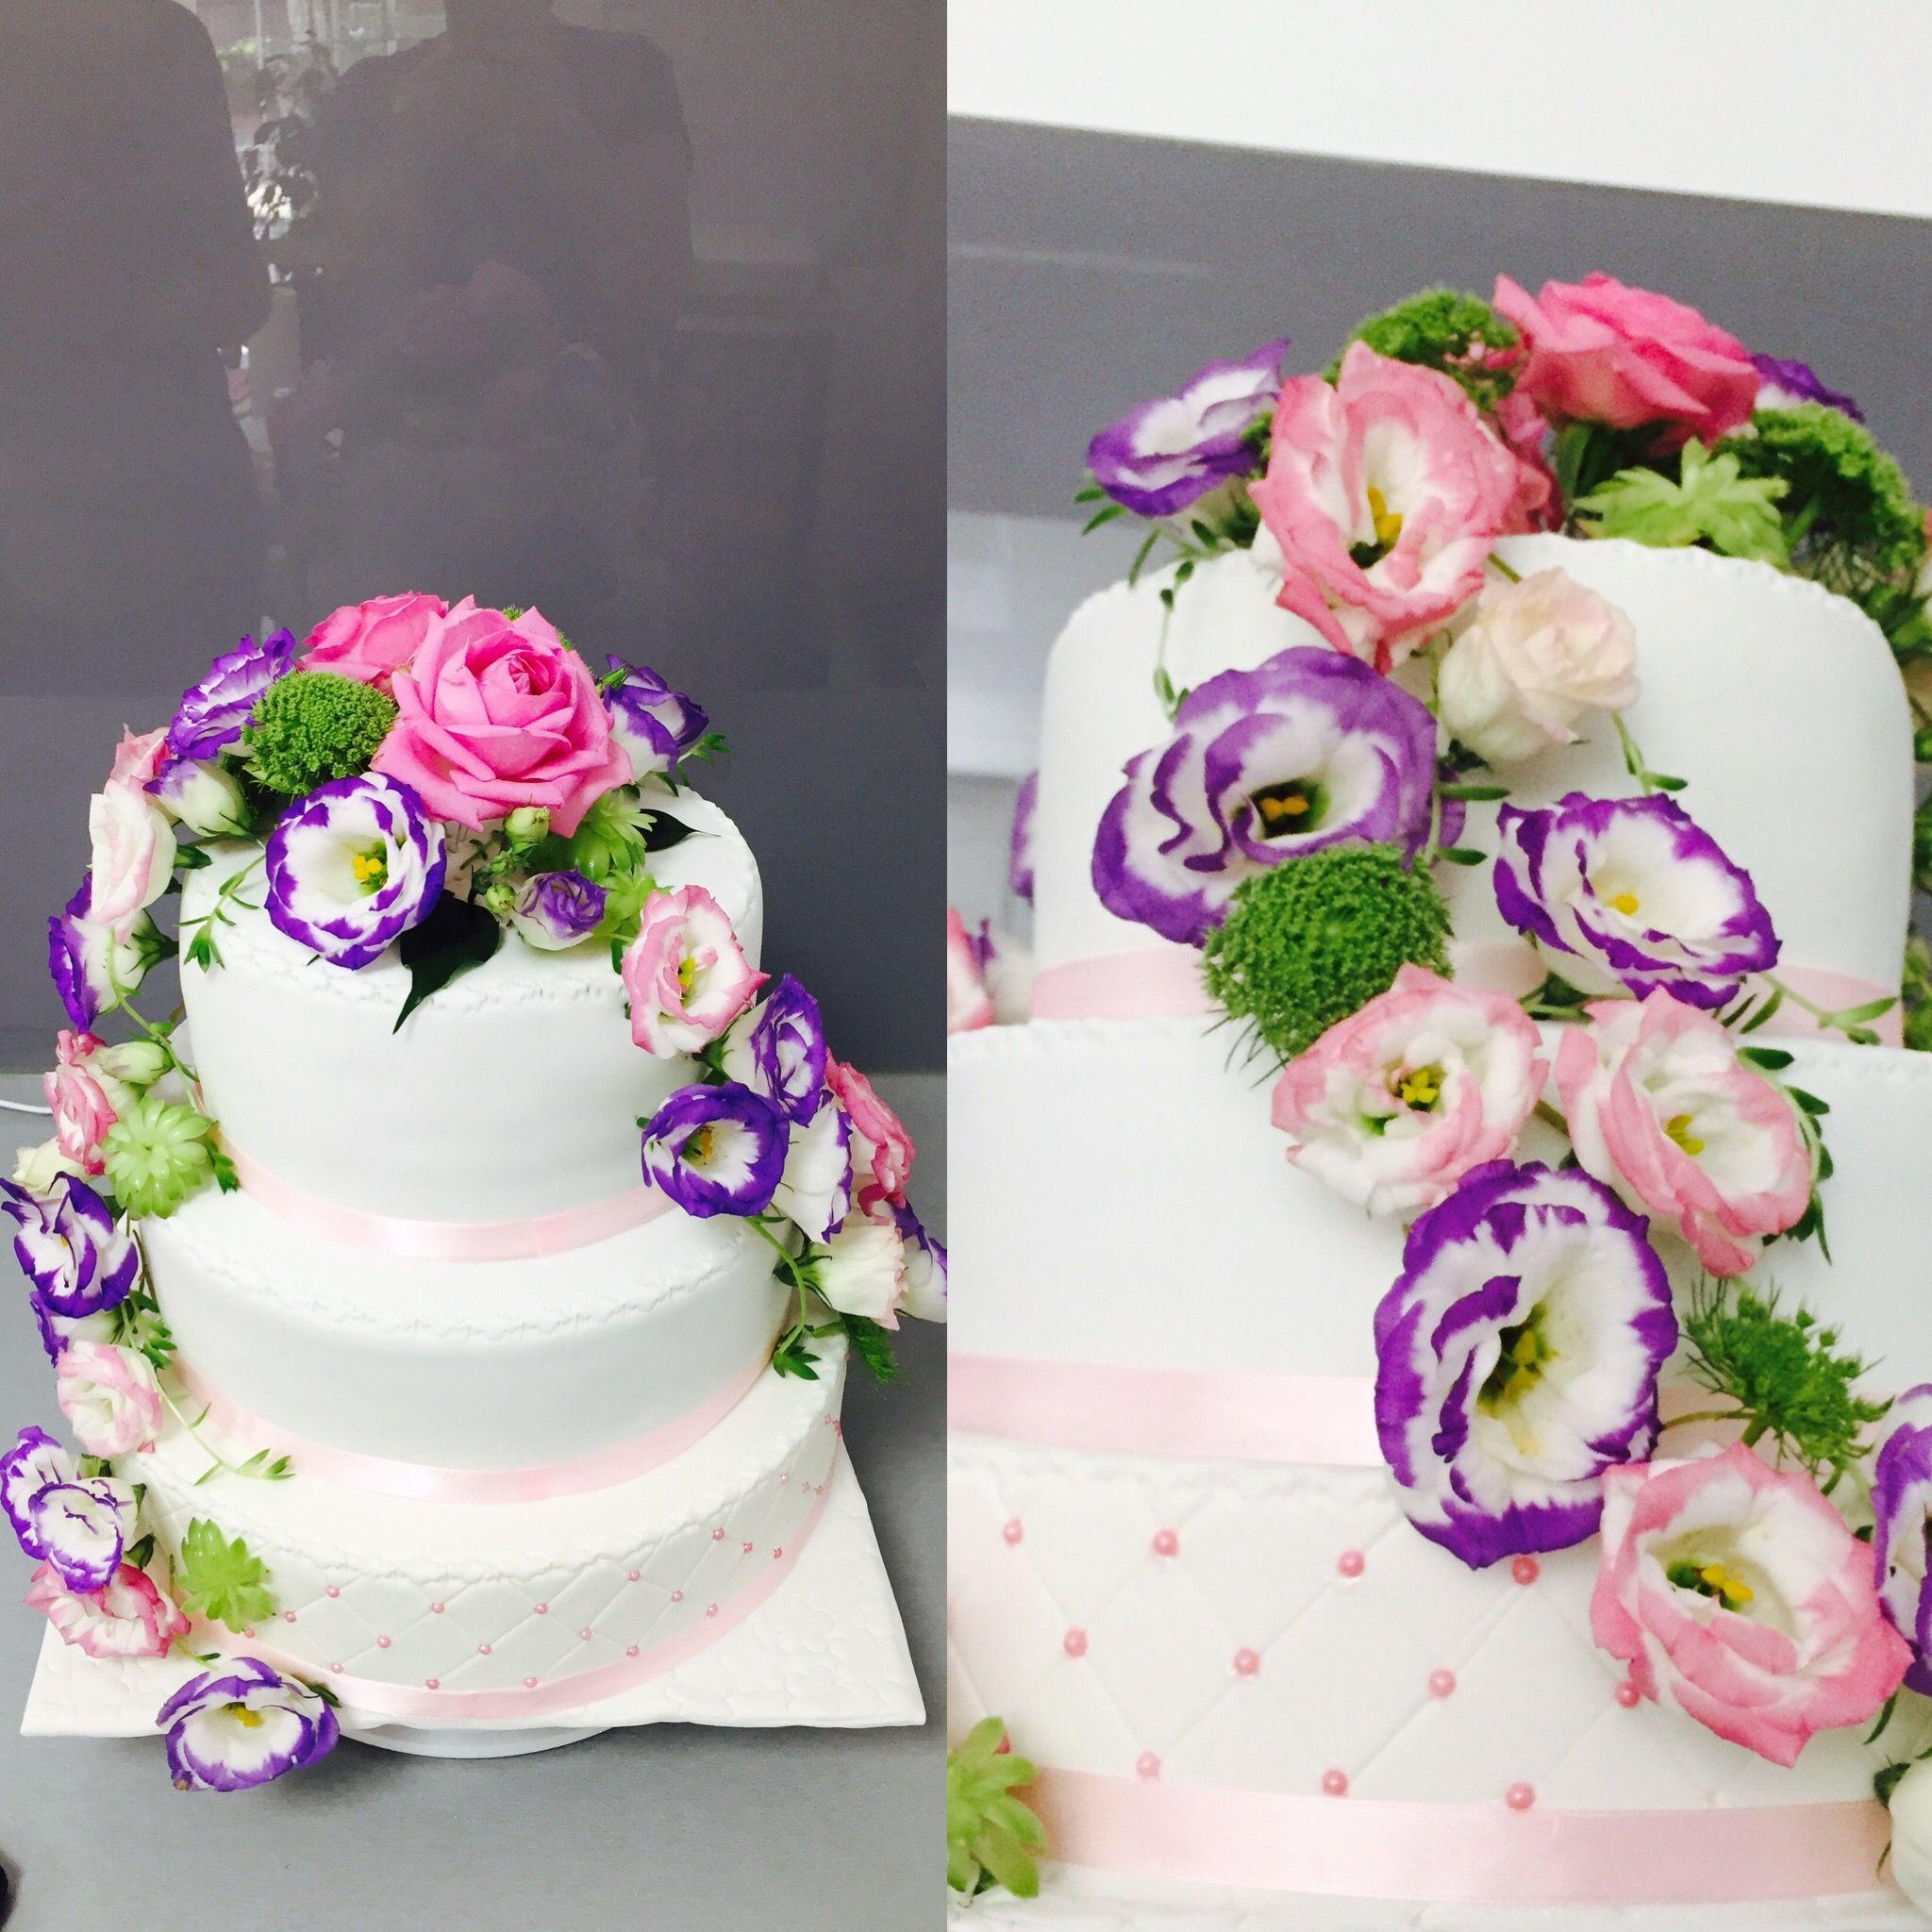 Épinglé sur Gâteaux de Mariage